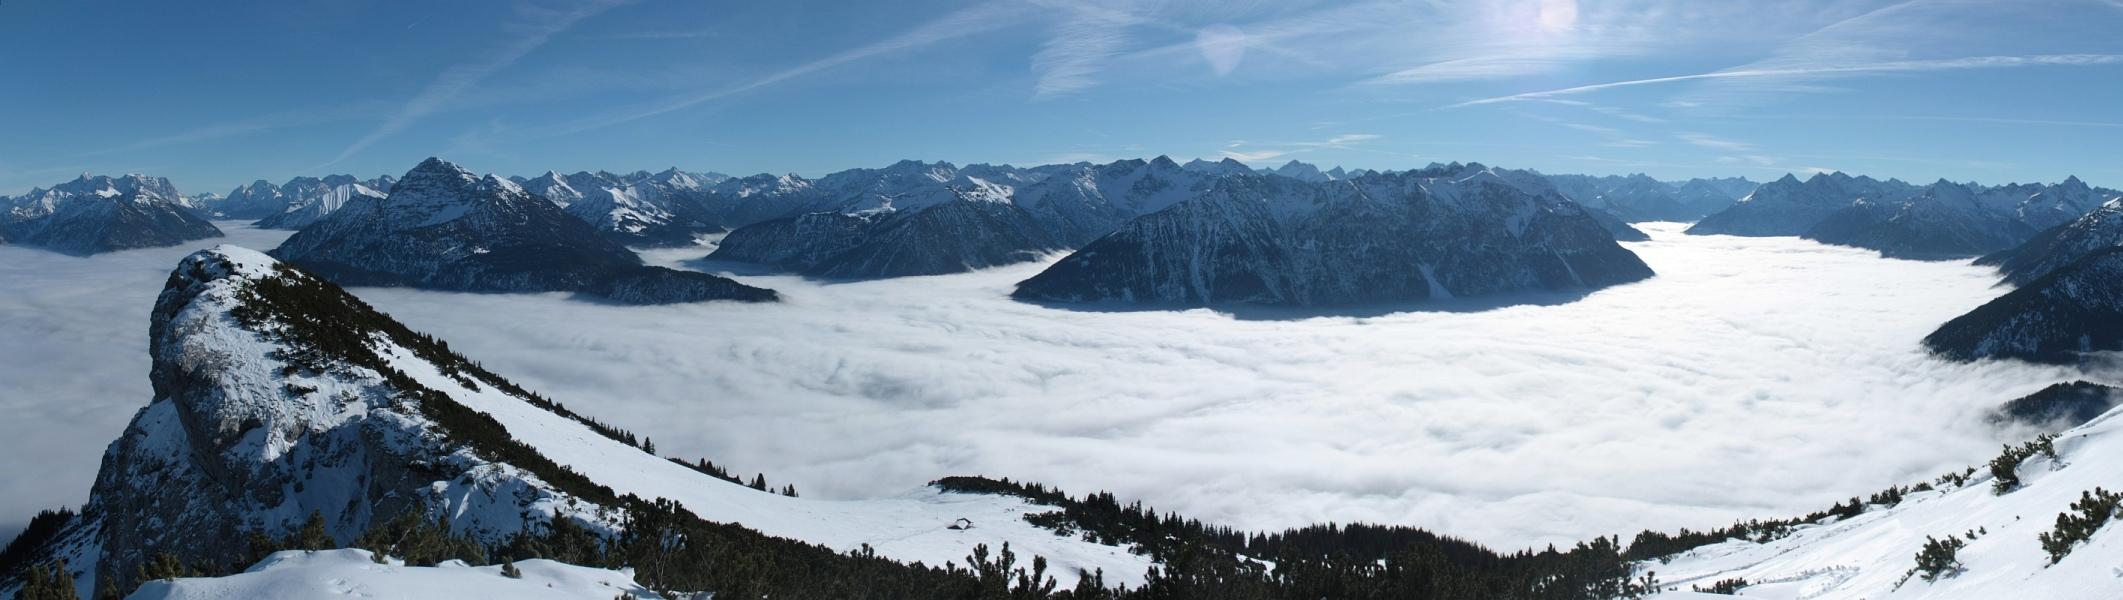 Gipfelpanorama von der Gaichtspitze